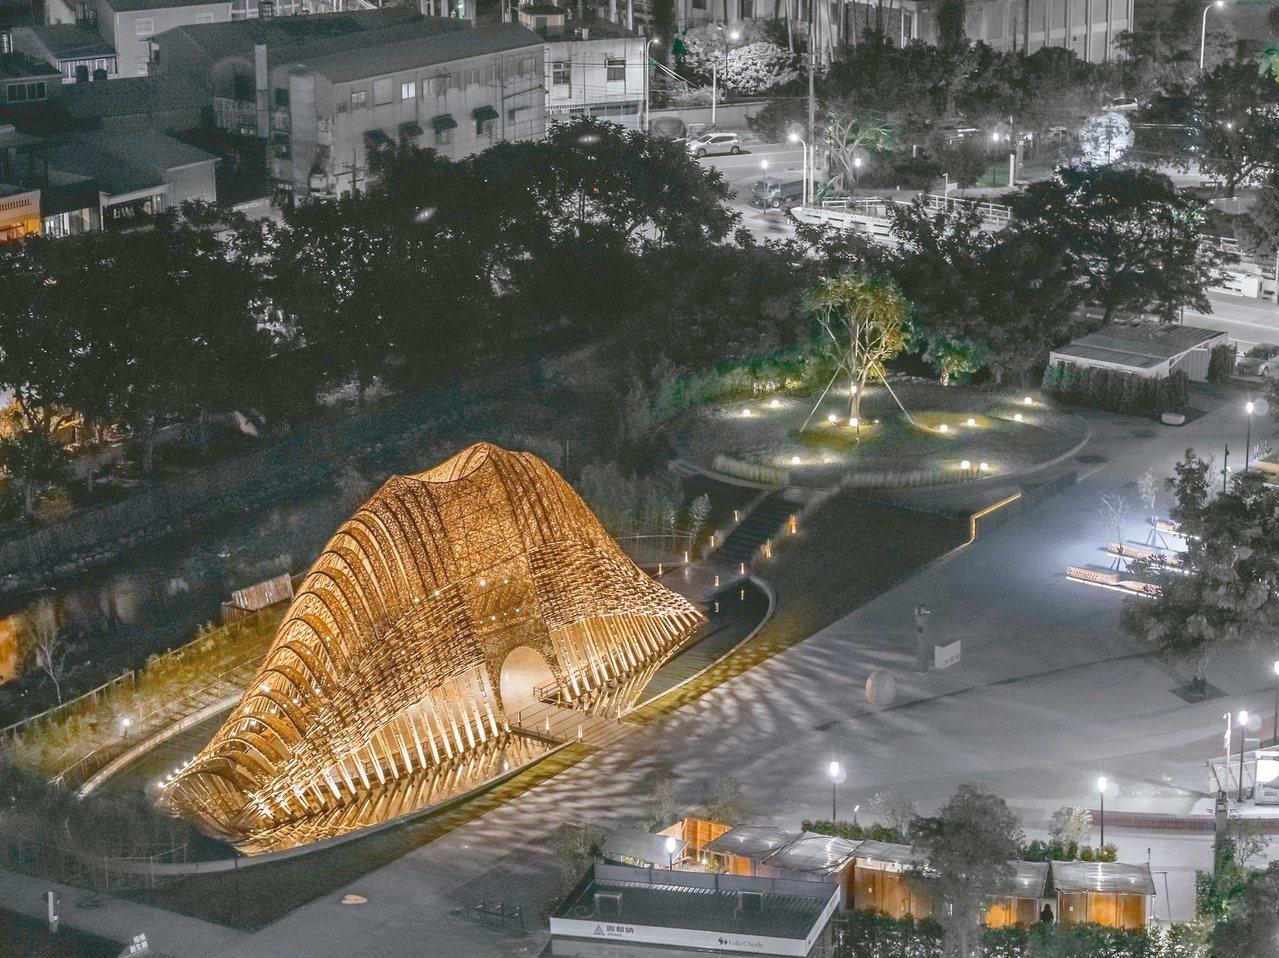 在豐原葫蘆墩公園的「竹跡館」,全由竹子打造而成,造型特殊,日夜皆美麗,成為熱門的...